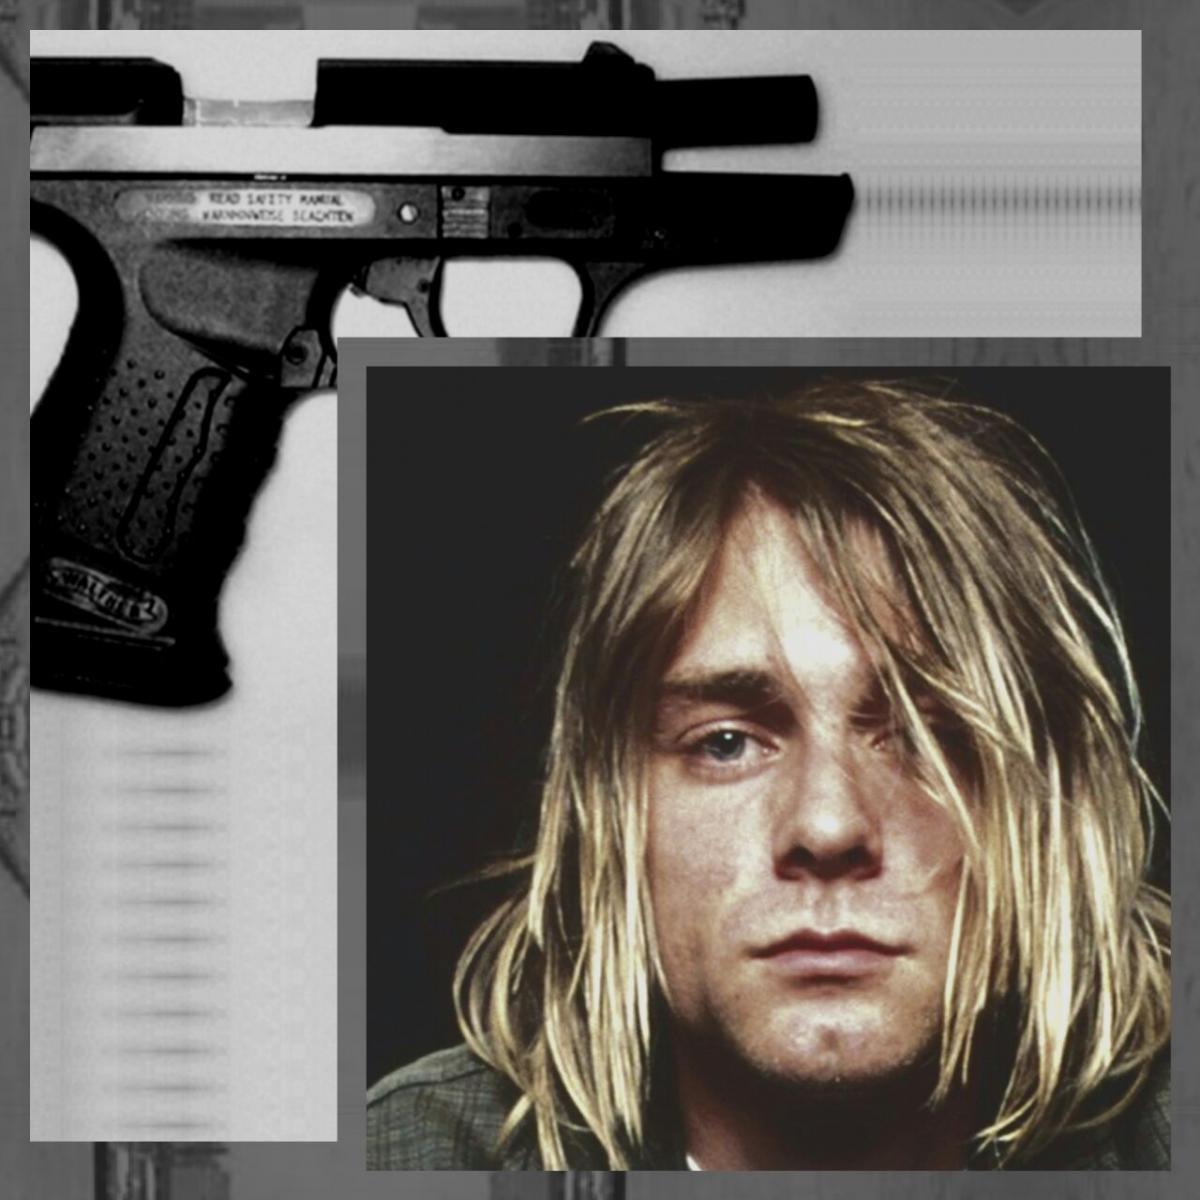 Upcoming: Yung Cobain - Yung Cobain I (E.P)